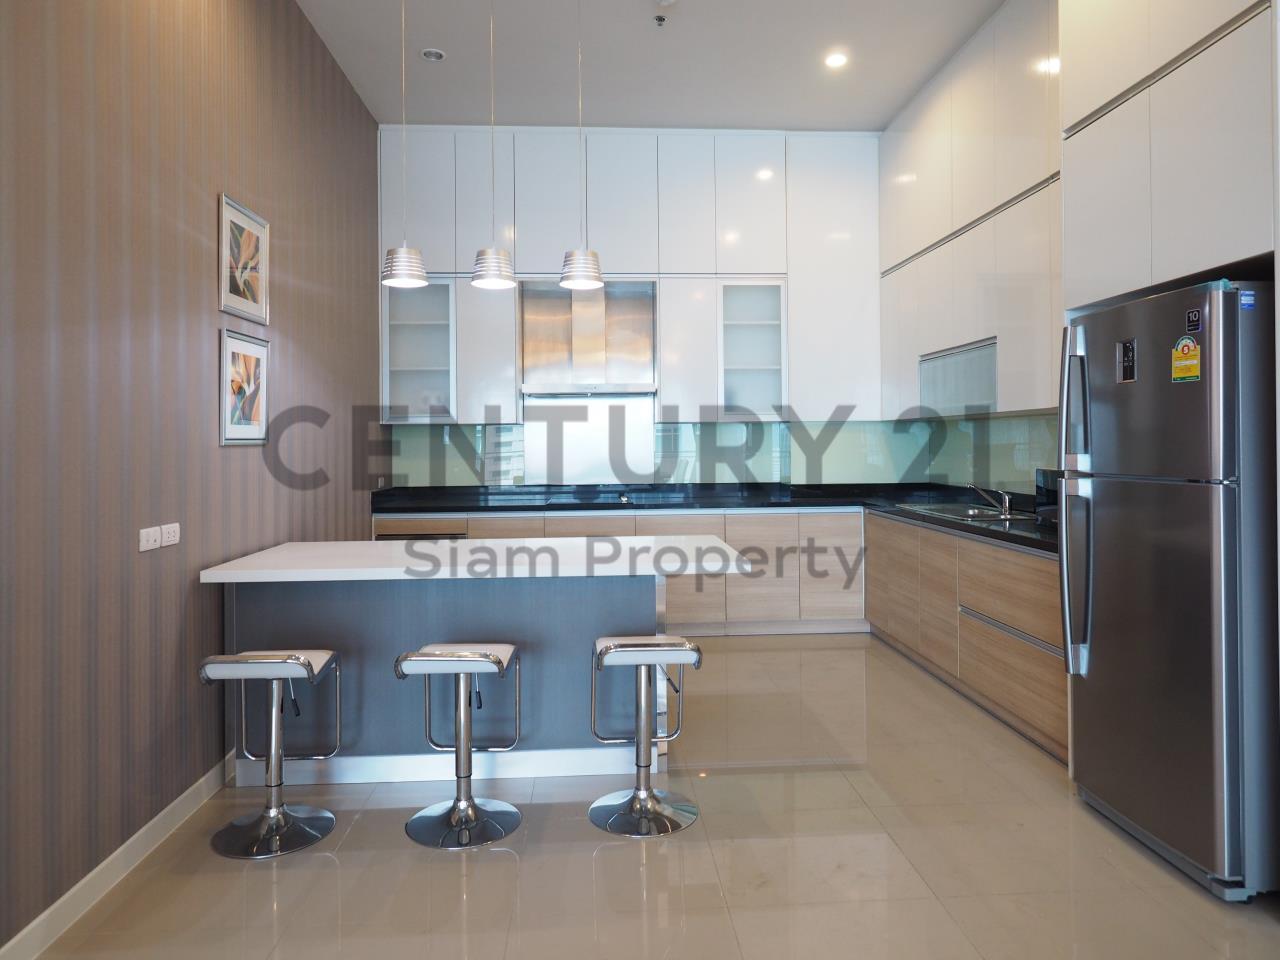 Century21 Siam Property Agency's Circle Condominium 1